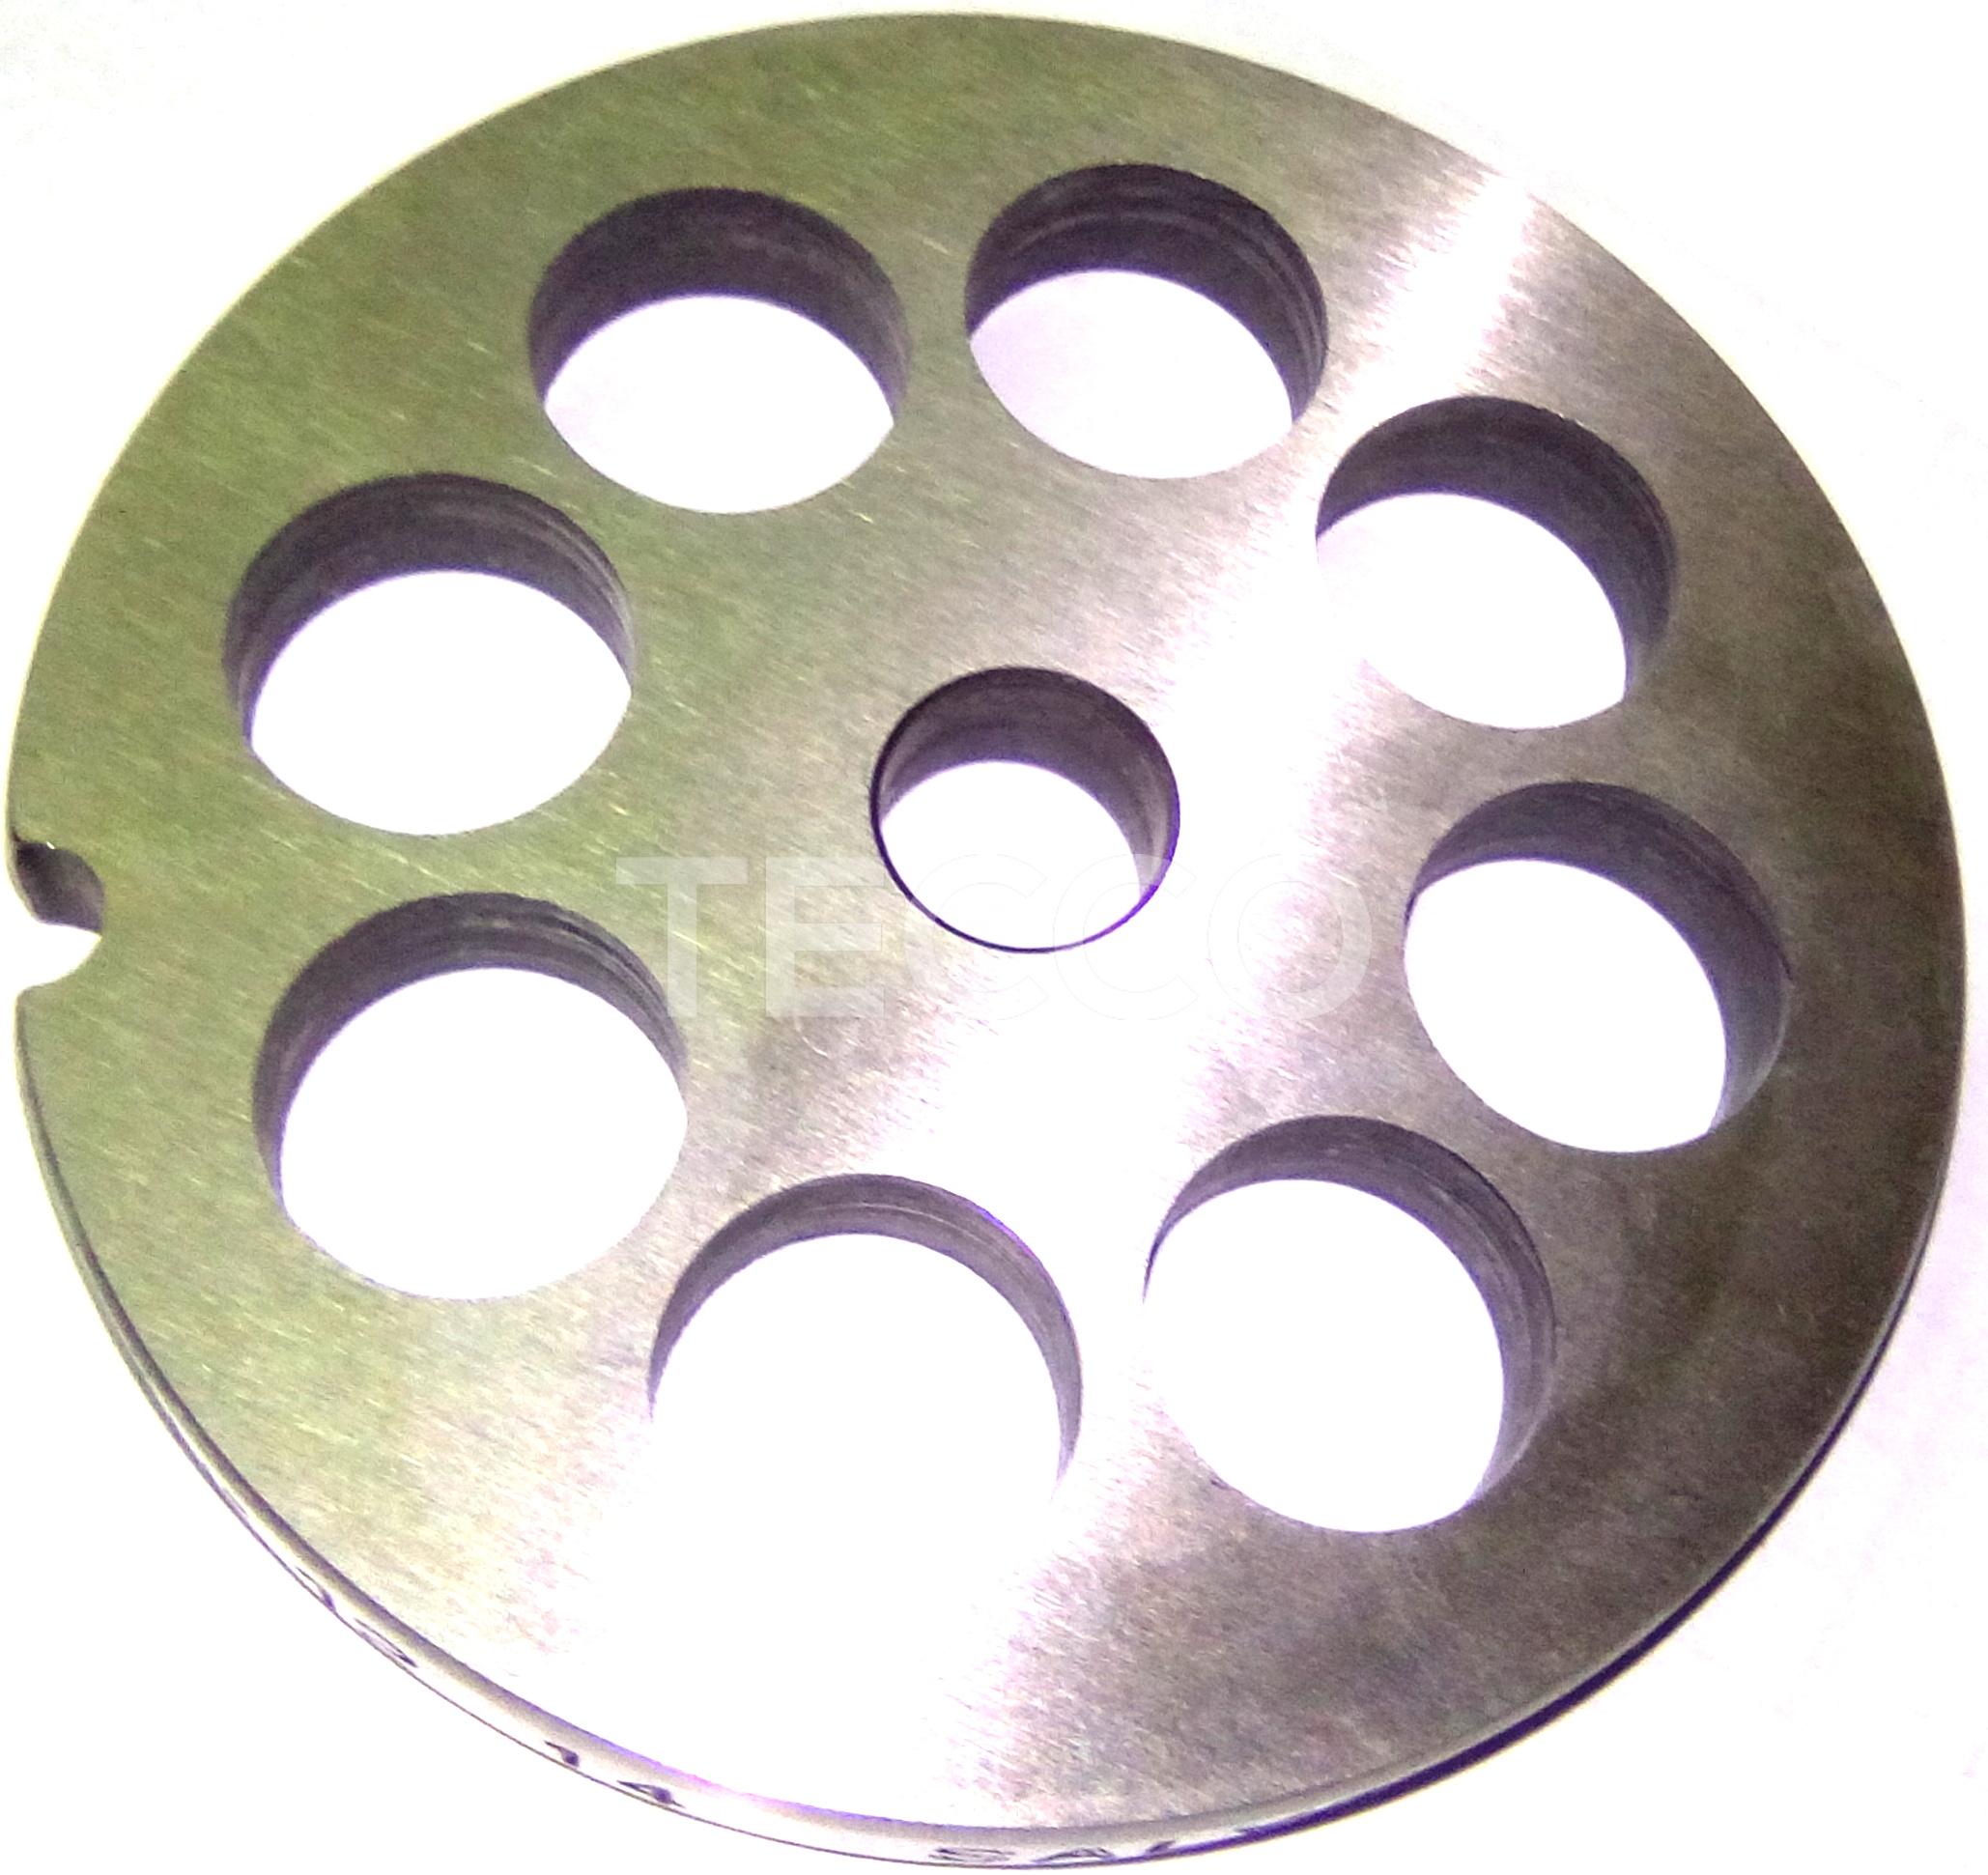 Решетка 14 мм для мясорубки модели 12 системы Enterprise